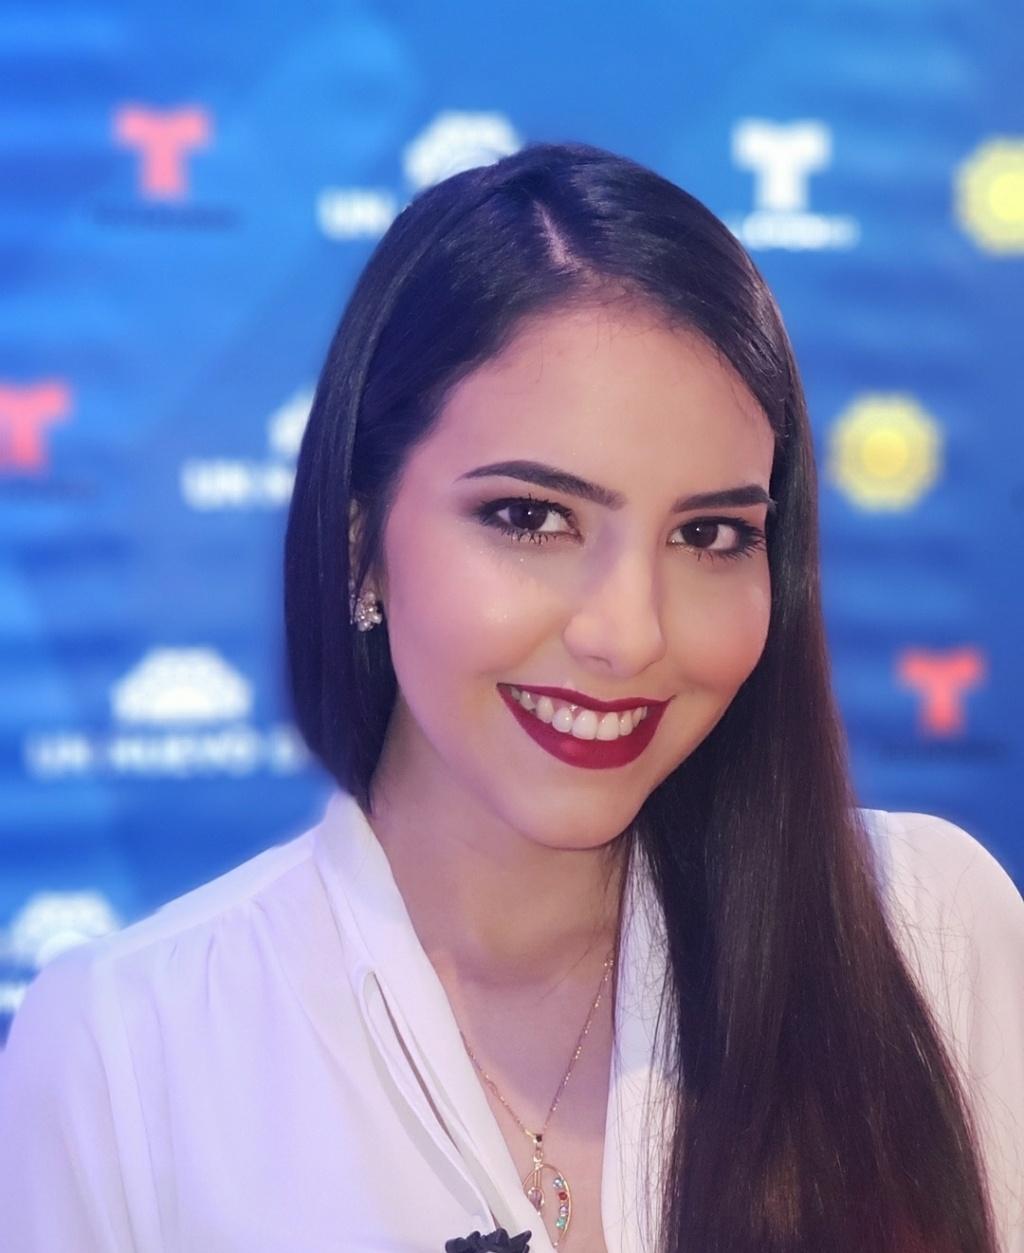 DEBATE sobre belleza, guapura y hermosura (fotos de chicas latinas, mestizas, y de todo) - VOL II - Página 4 Img_1108